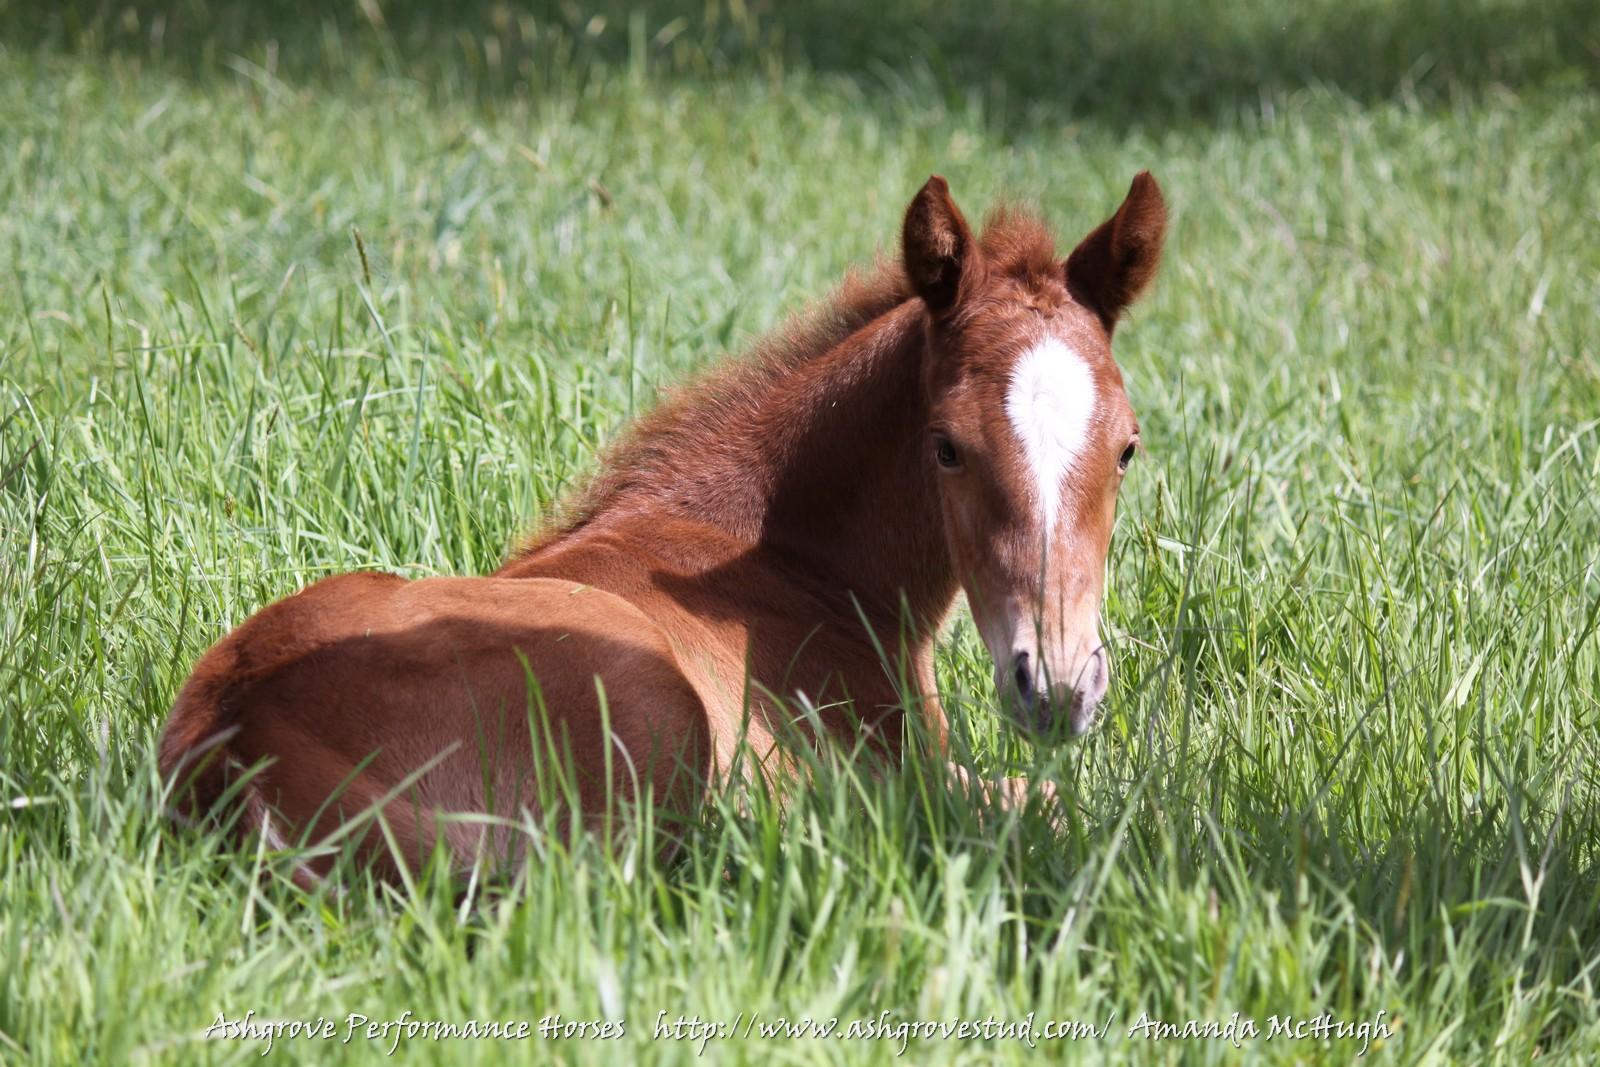 Foals 28-10-14 246 - Copy